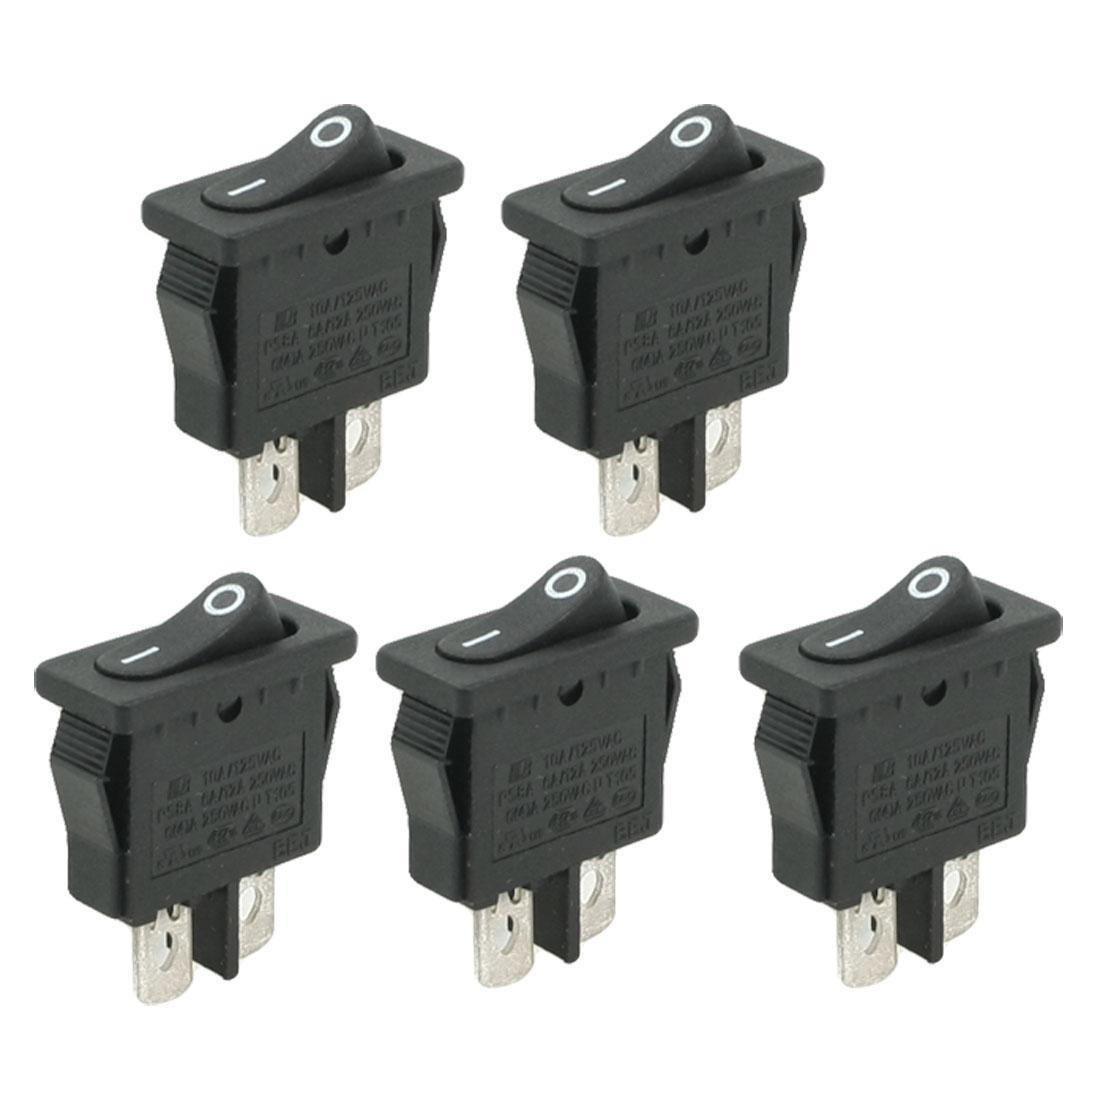 5 Pcs 6A/250V 10A/125V AC Single Pole Single Throw O/F Rocker Switch